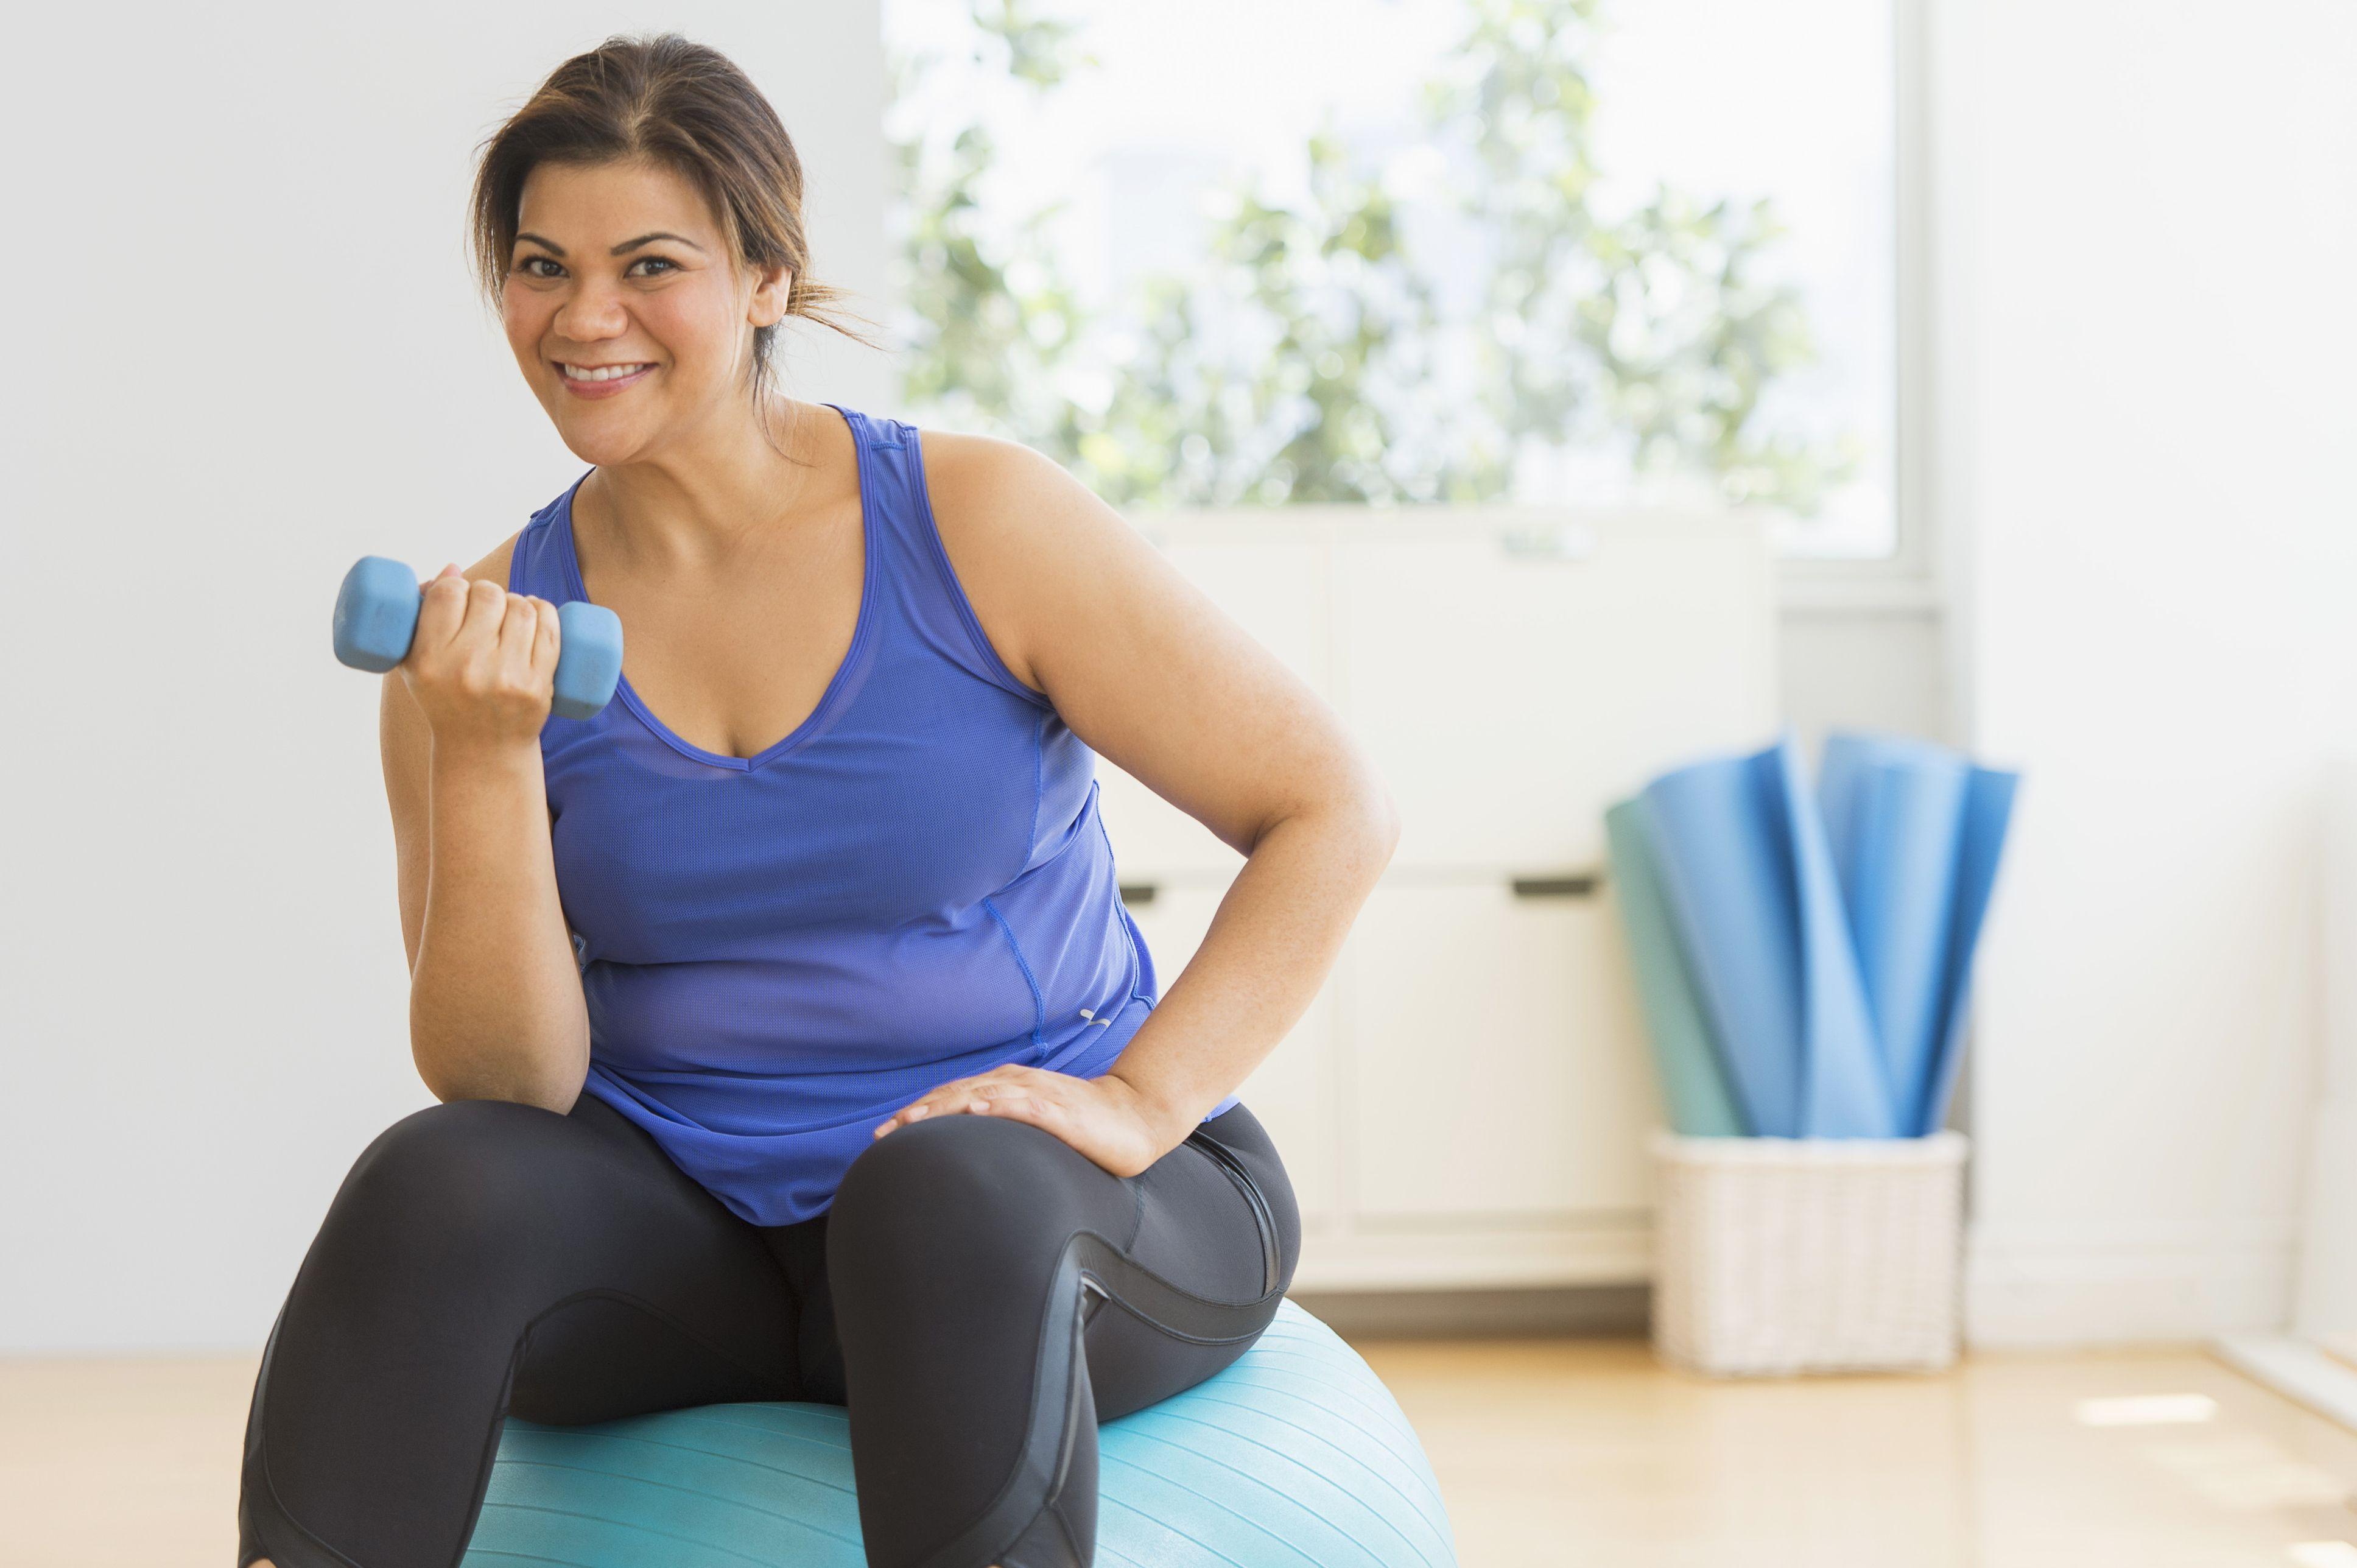 Если Просто Ходить То Похудеешь. Ходьба для эффективного похудения: основные правила